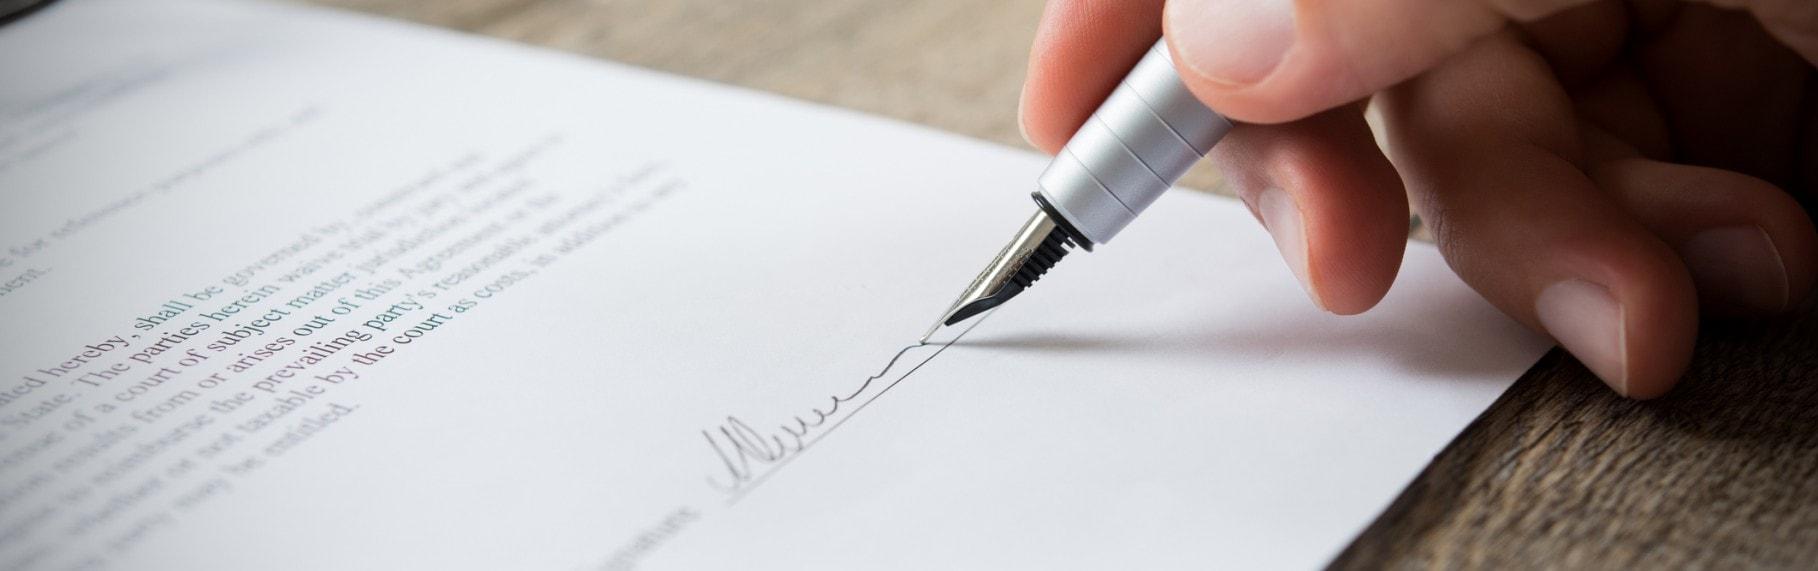 Quality Document Procedures